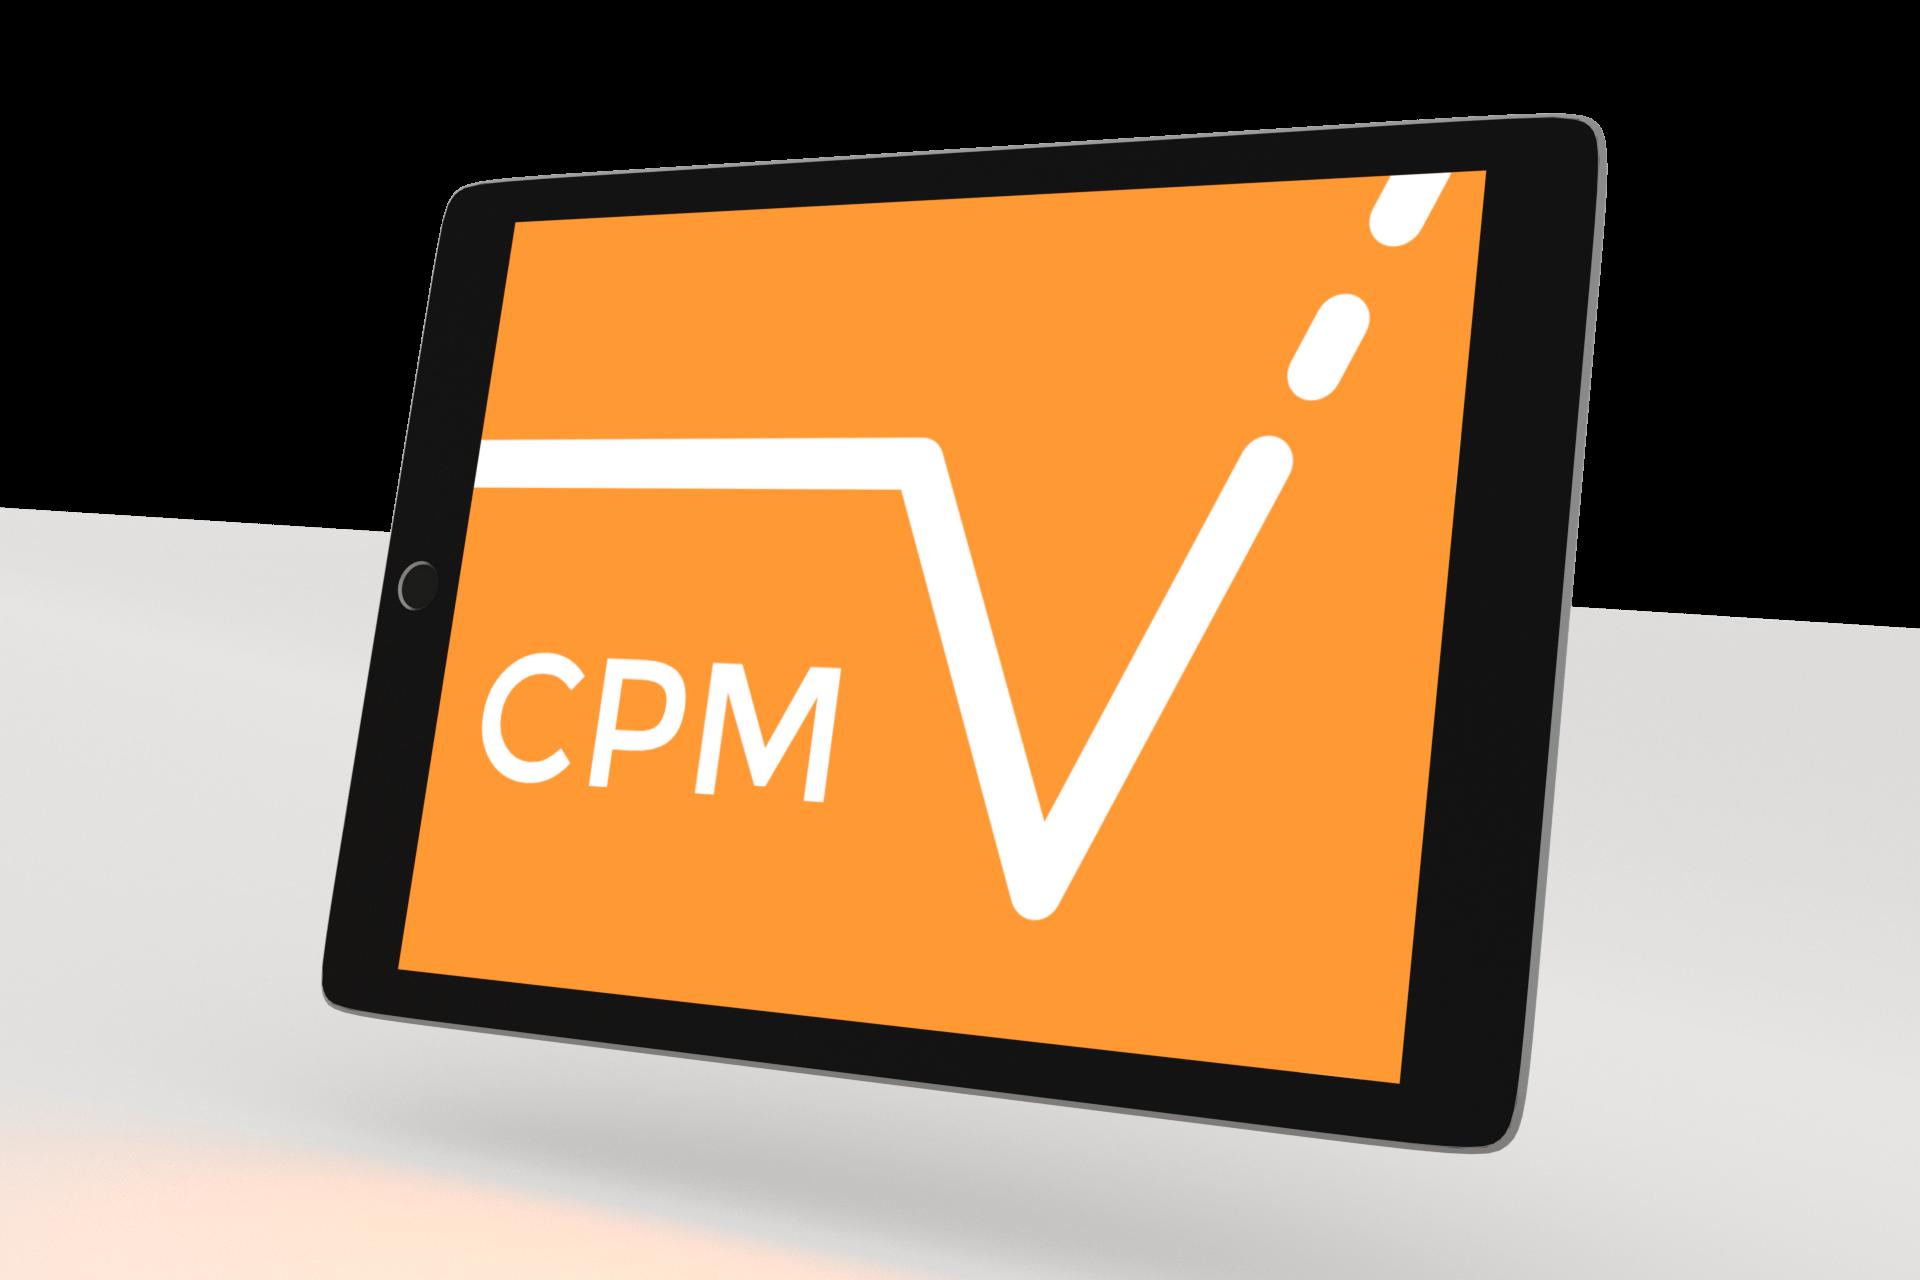 Průměrné CPM v síti R2B2 po Covid-19 roste